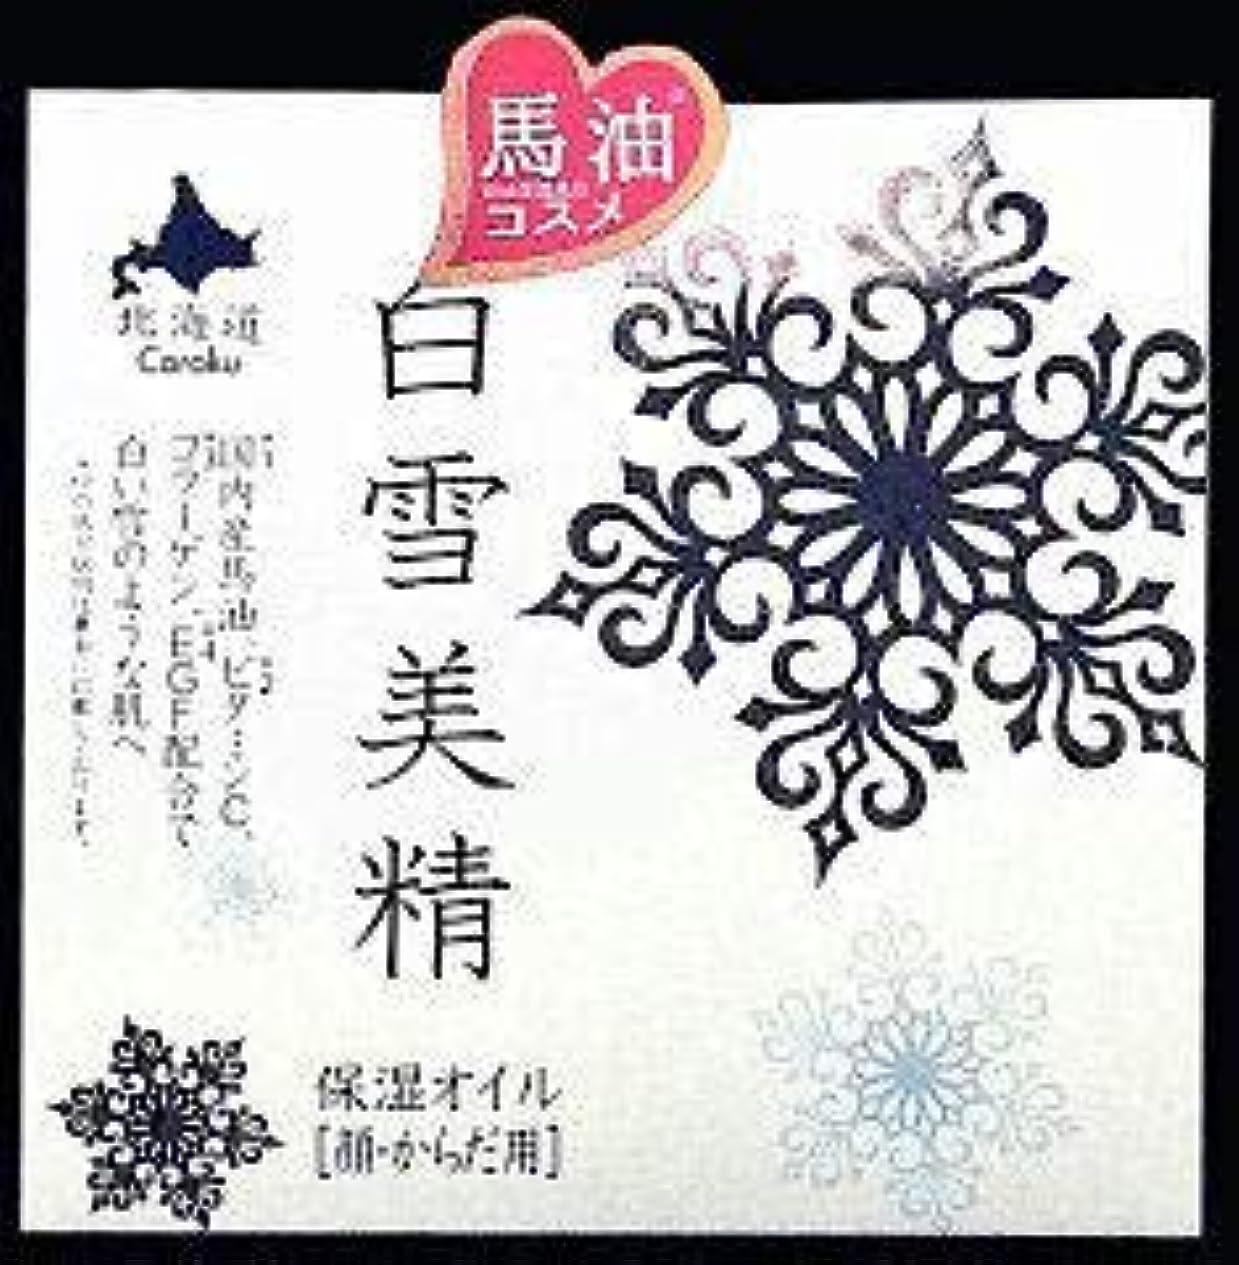 クリープ偏見分子◆【Coroku】保湿オイル◆白雪美精(顔?からだ用) 90ml◆